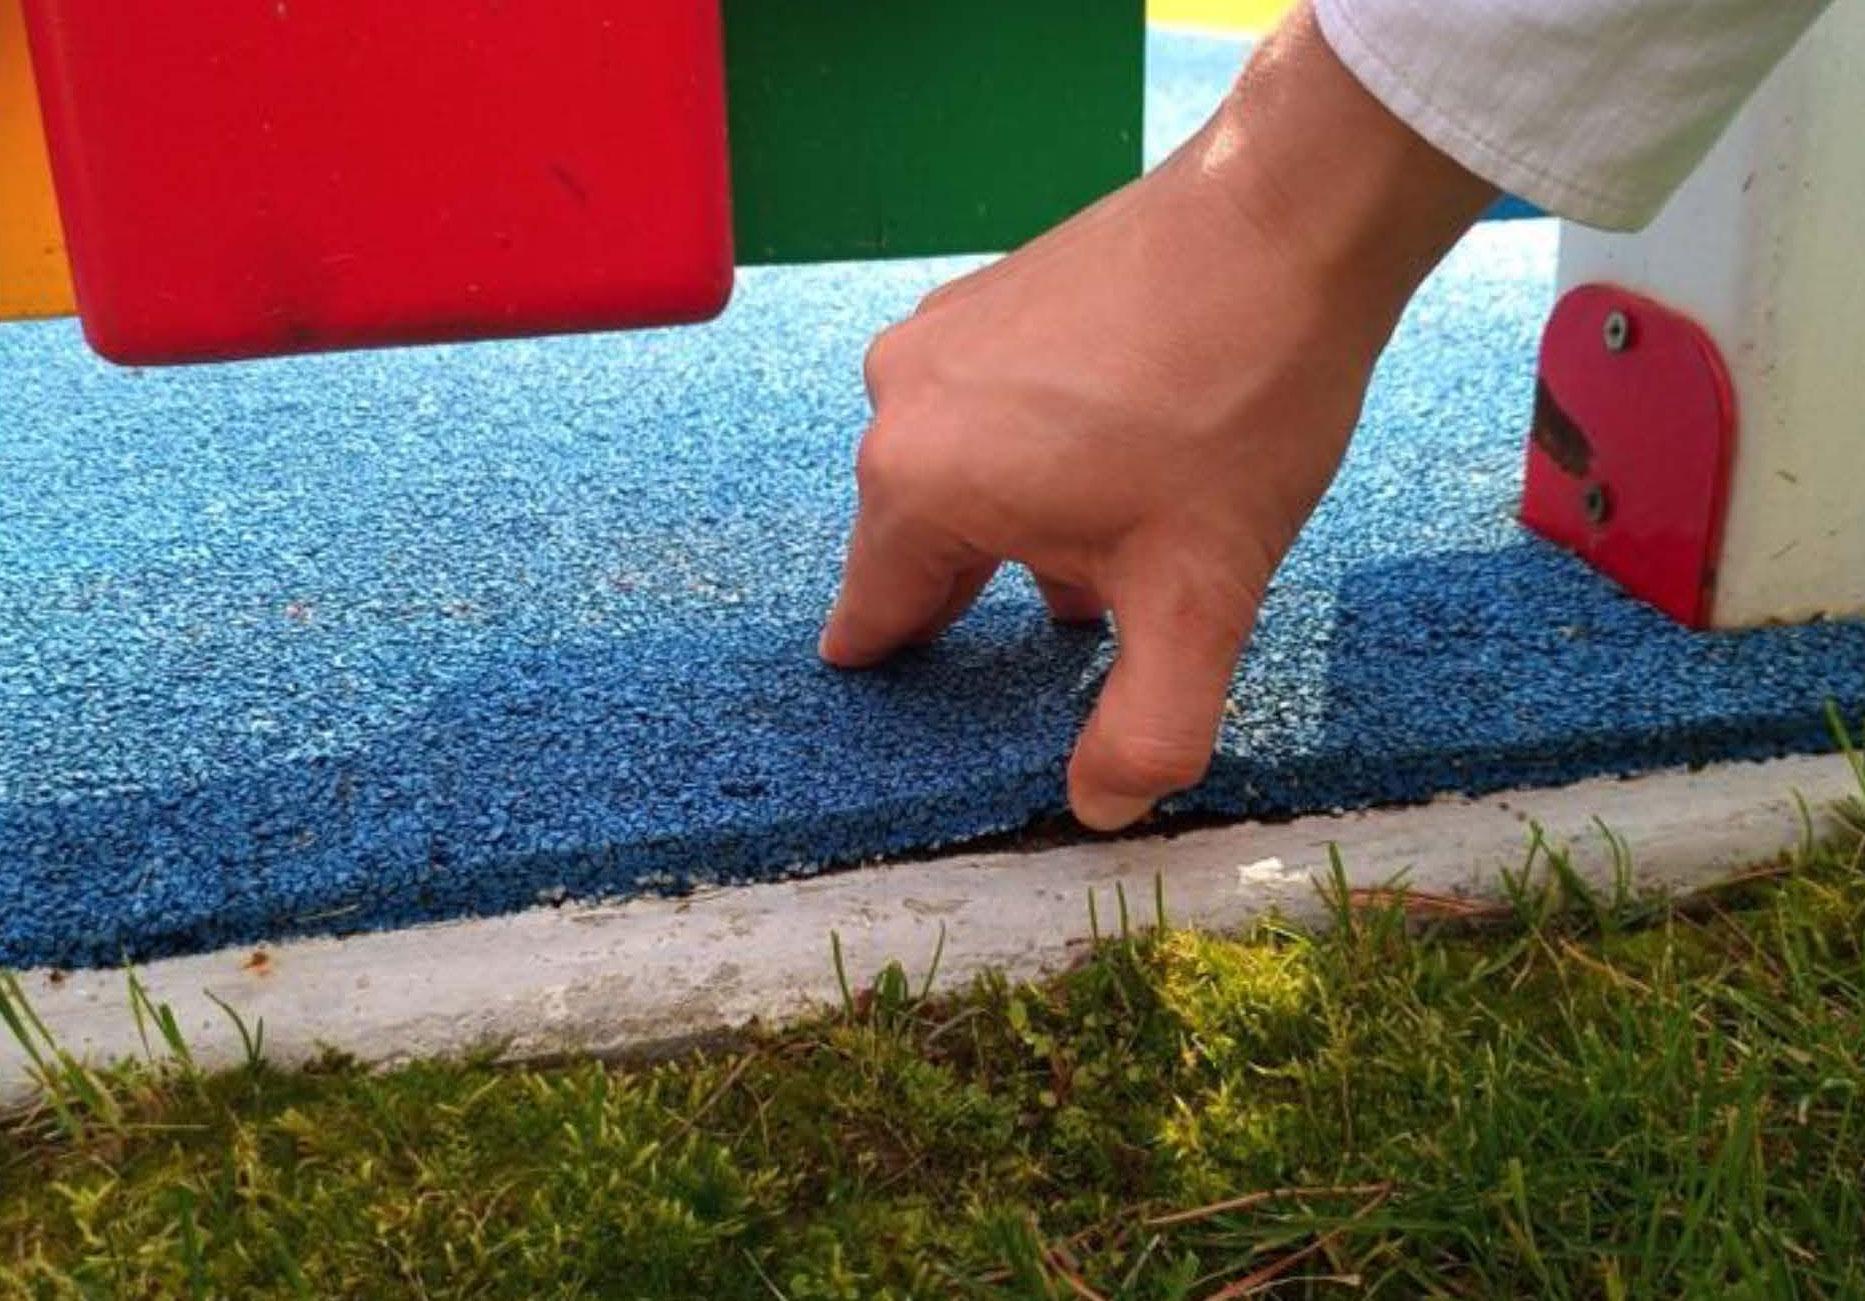 Рецензия на заключение специалистов по травмобезопасному покрытию на площадках и оценке стоимости работ по устранению недостатков